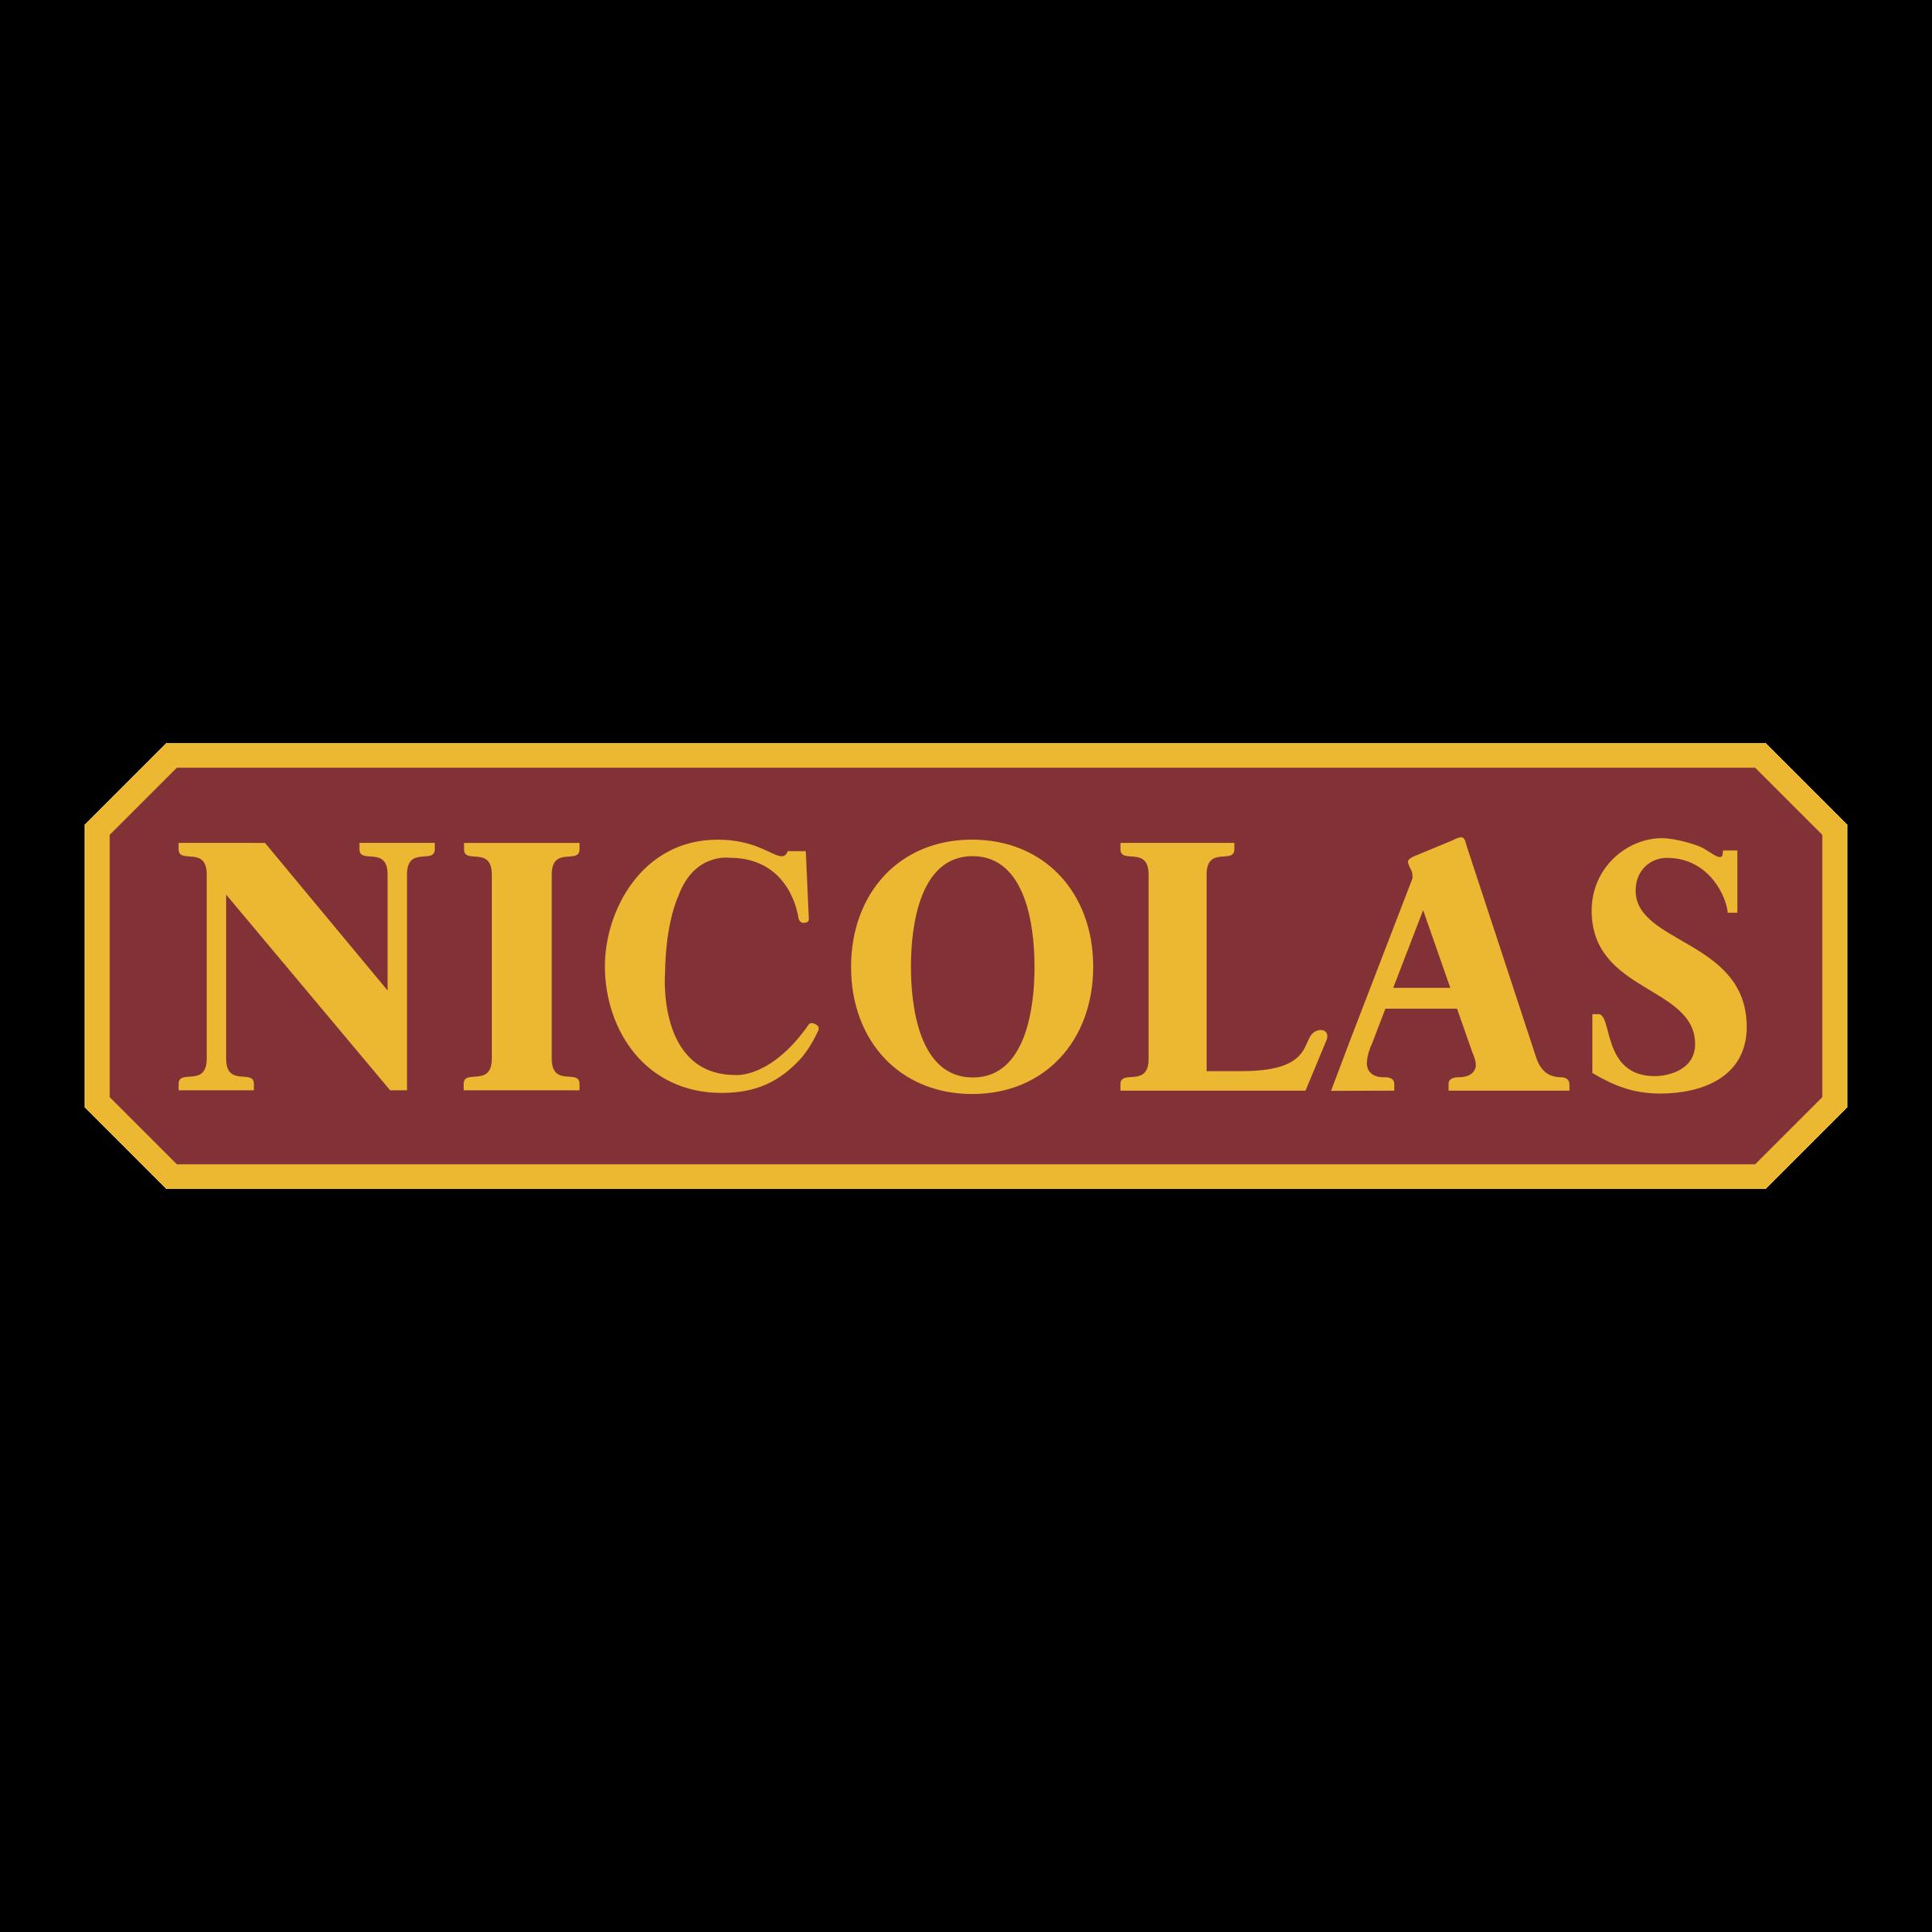 Nicolas logo png transparent